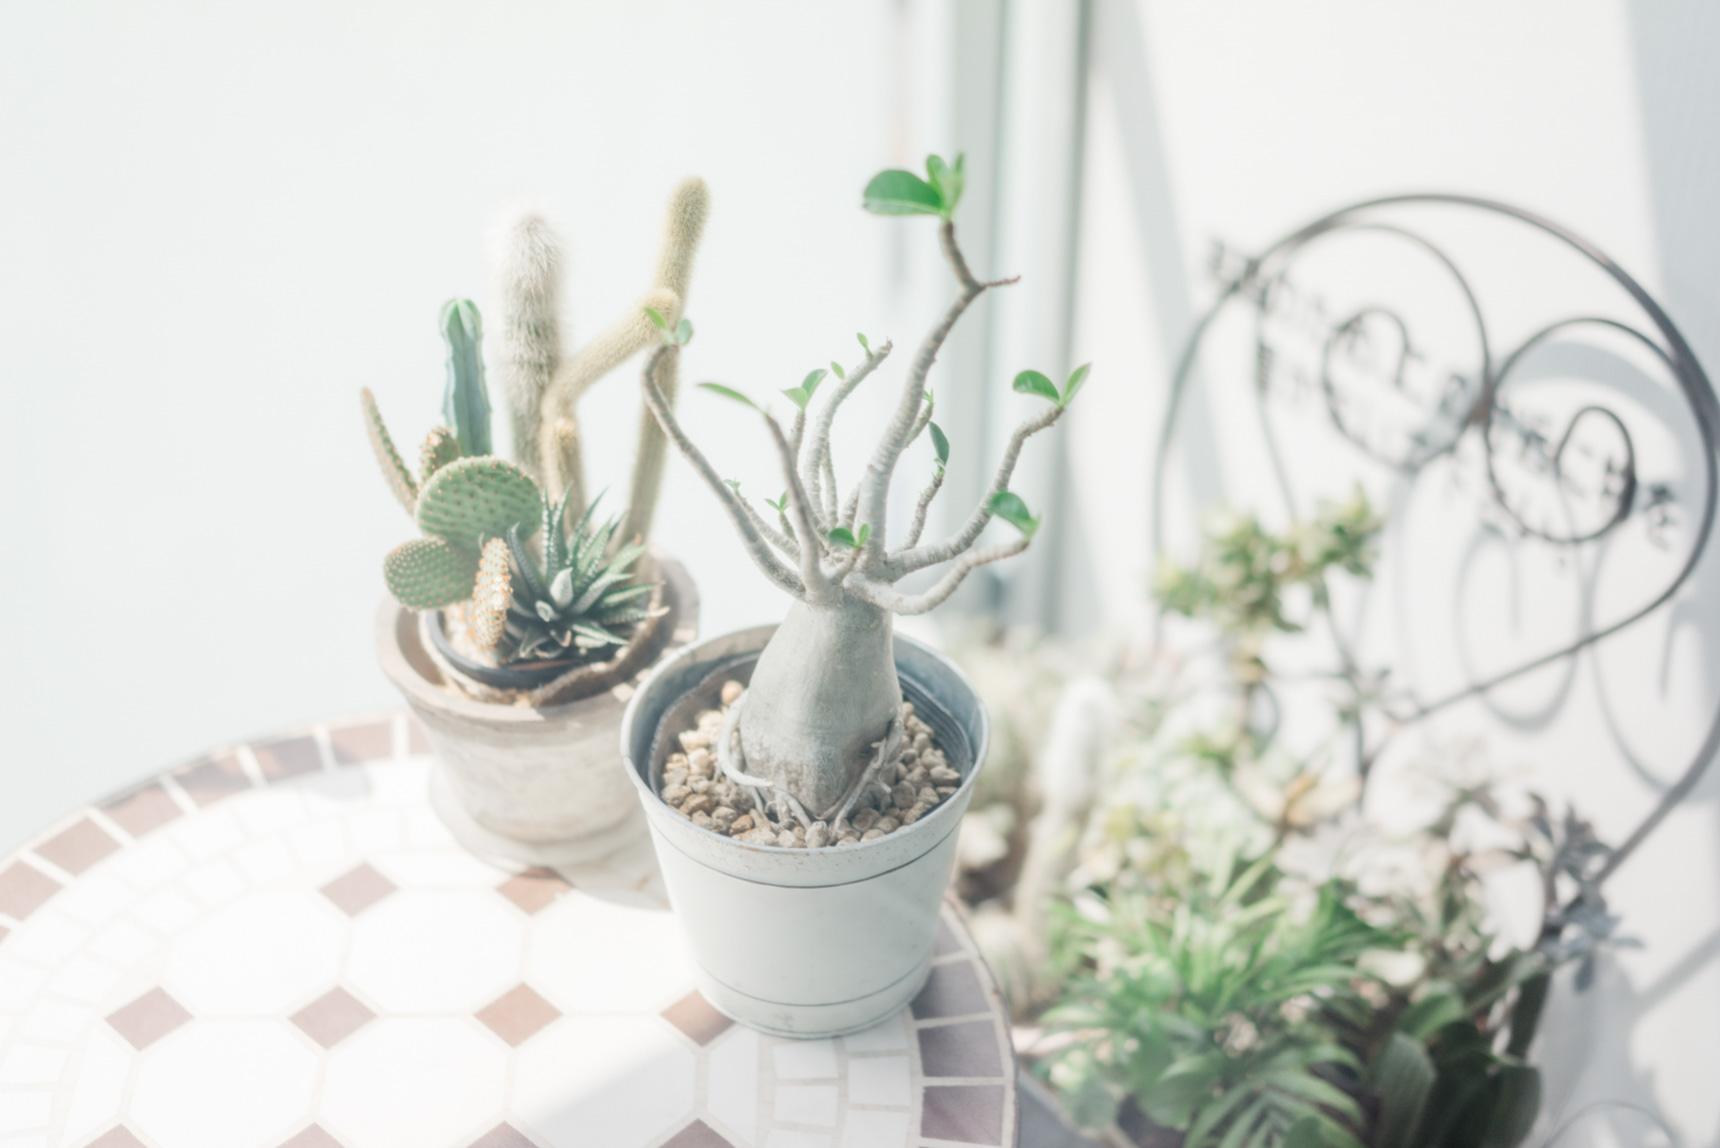 多肉植物は寄せ植えにして、小さな空間でもたくさんの種類のグリーンを楽しみます。